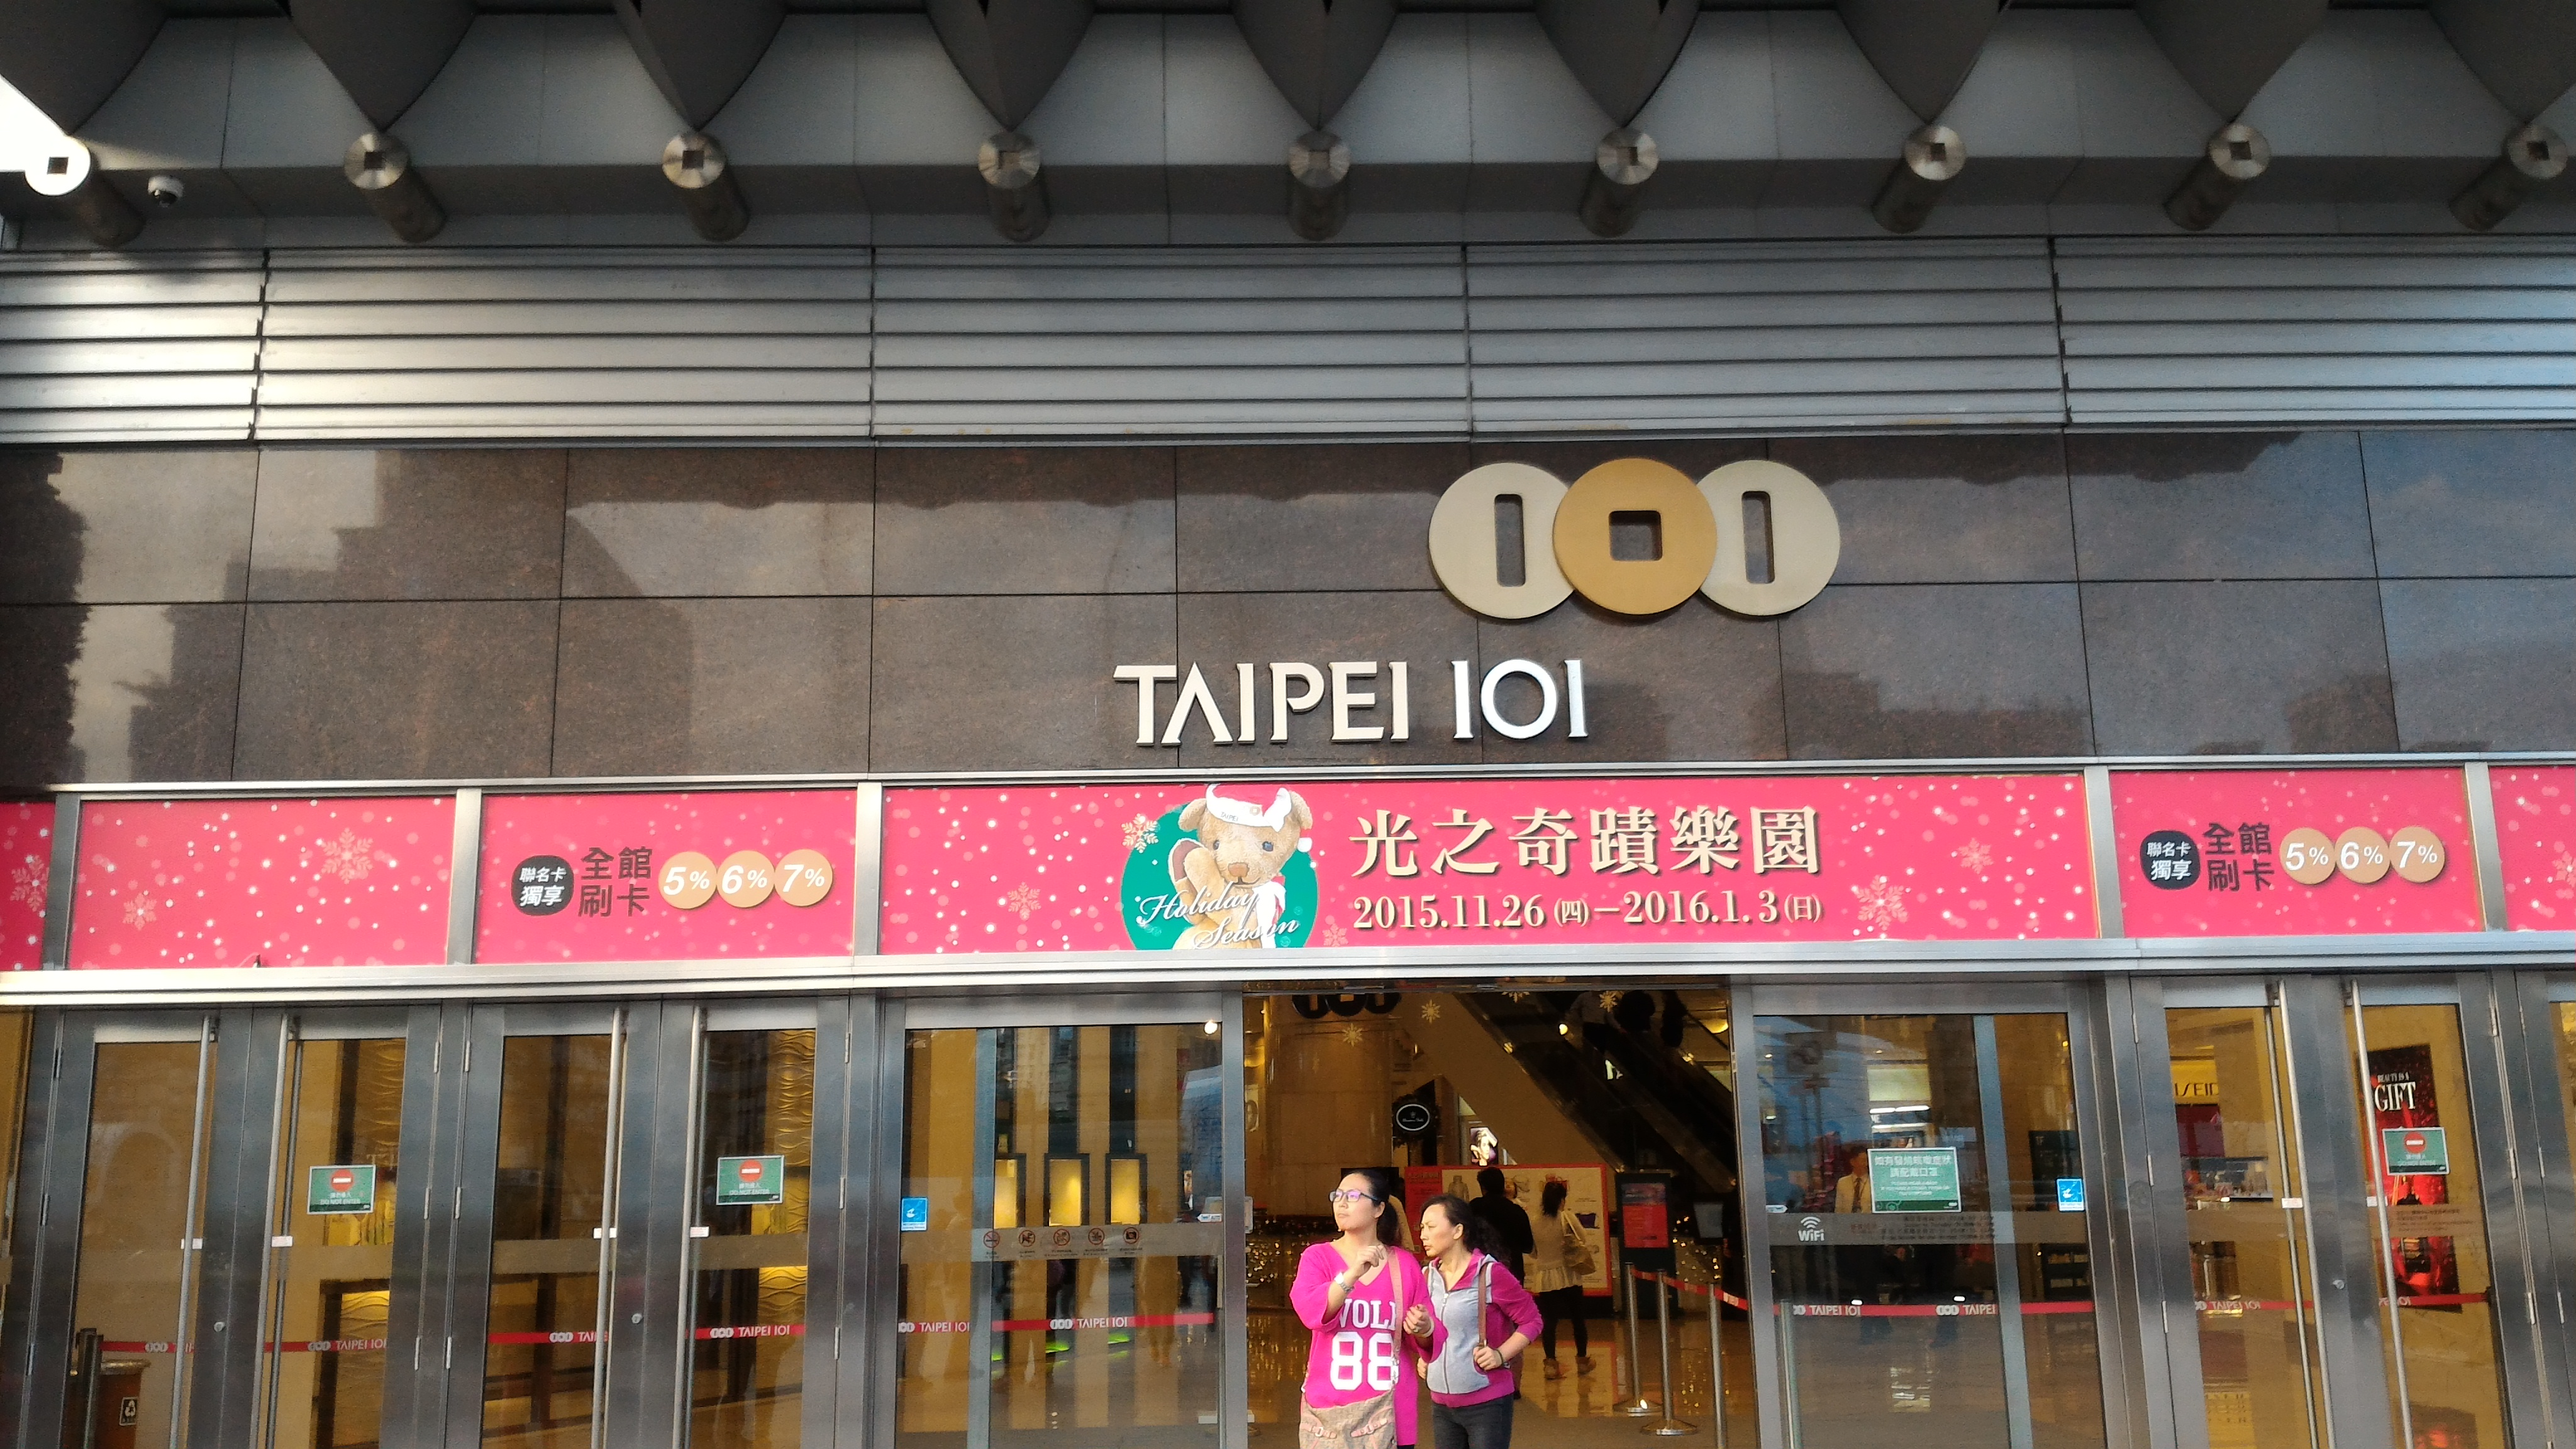 台北101 1階入り口